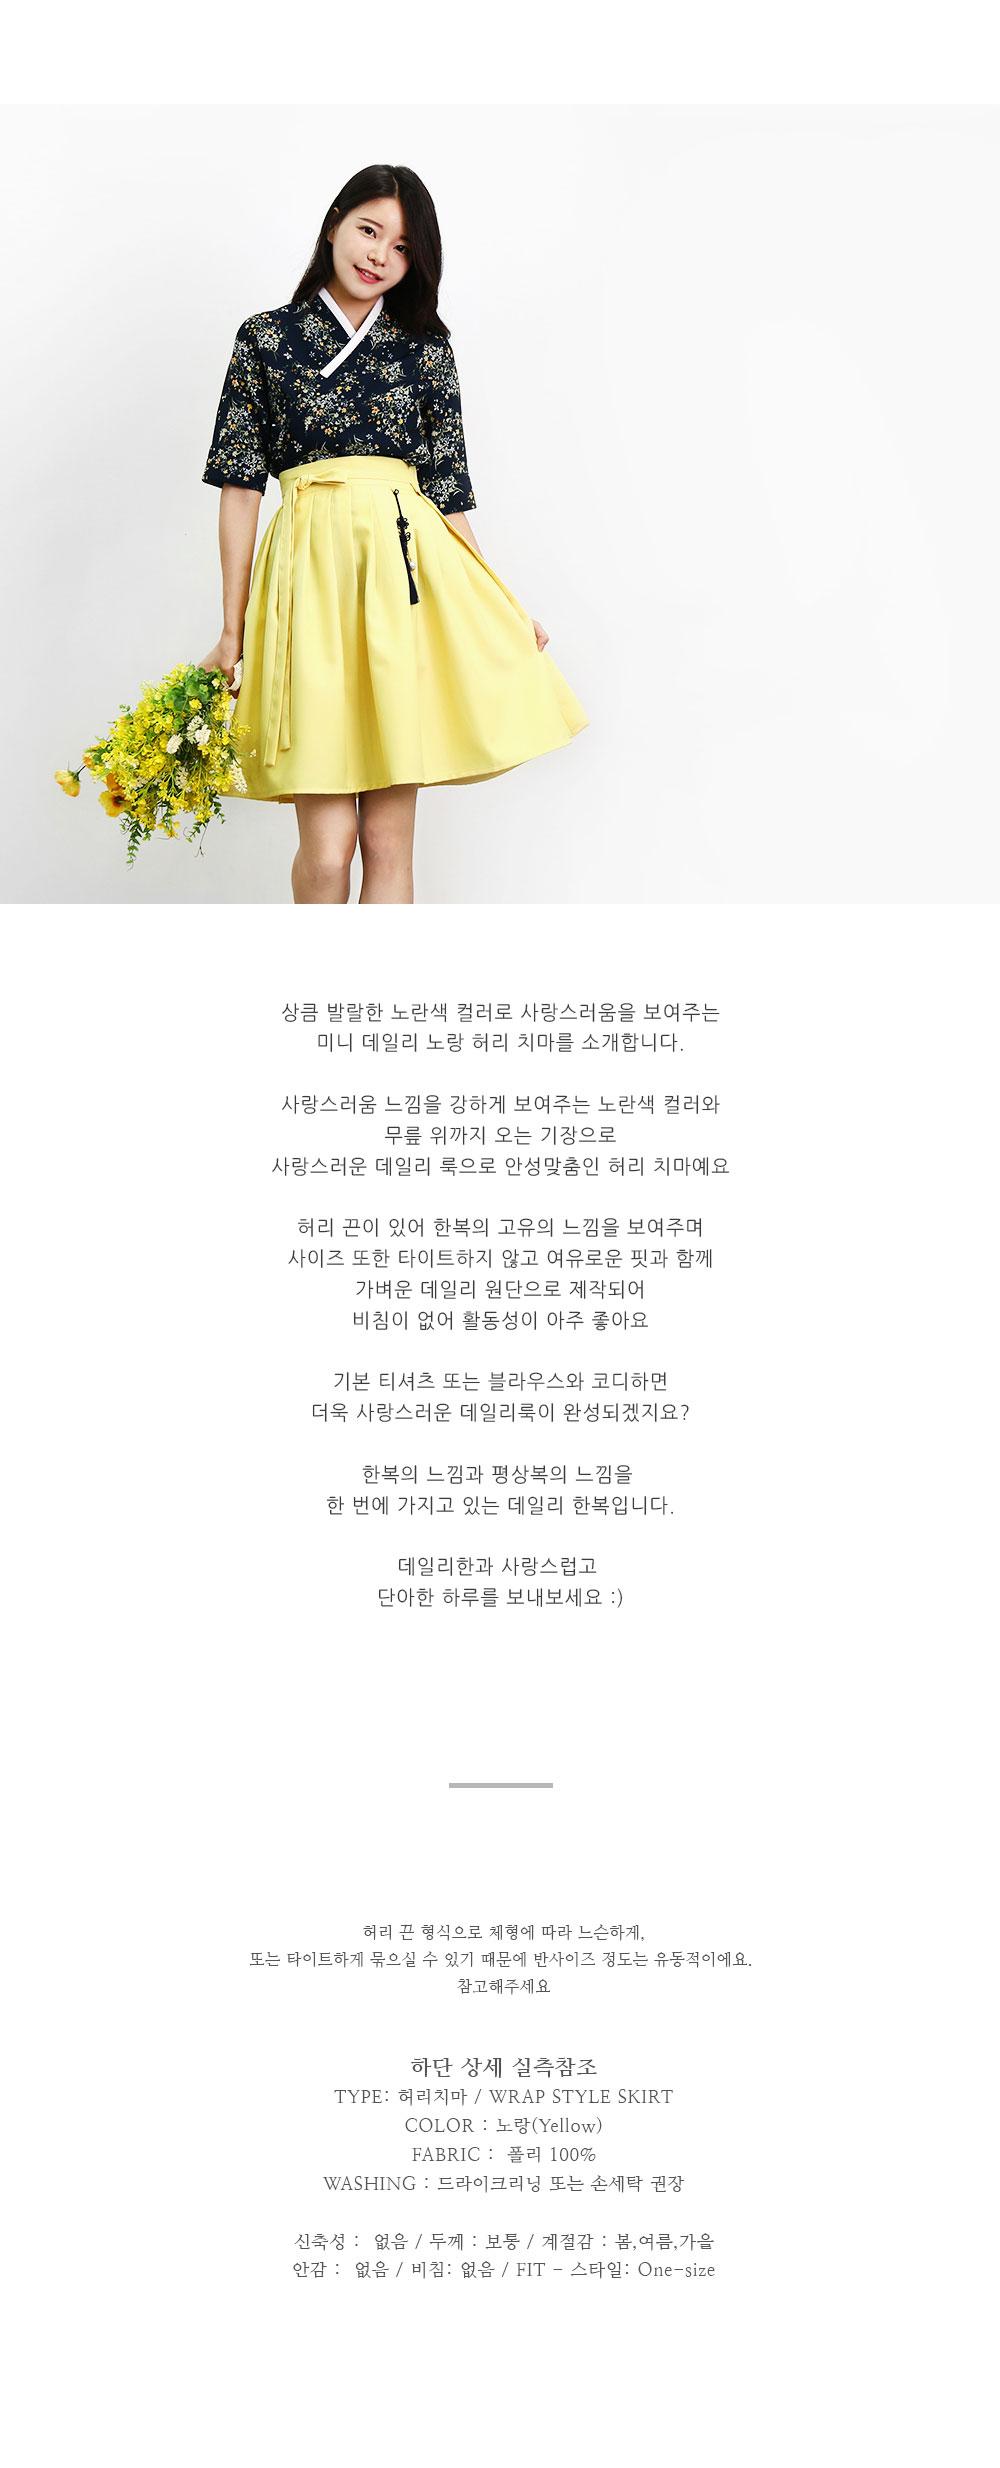 미니데일리 허리치마(노랑) - 데일리한, 58,000원, 생활한복, 여성한복